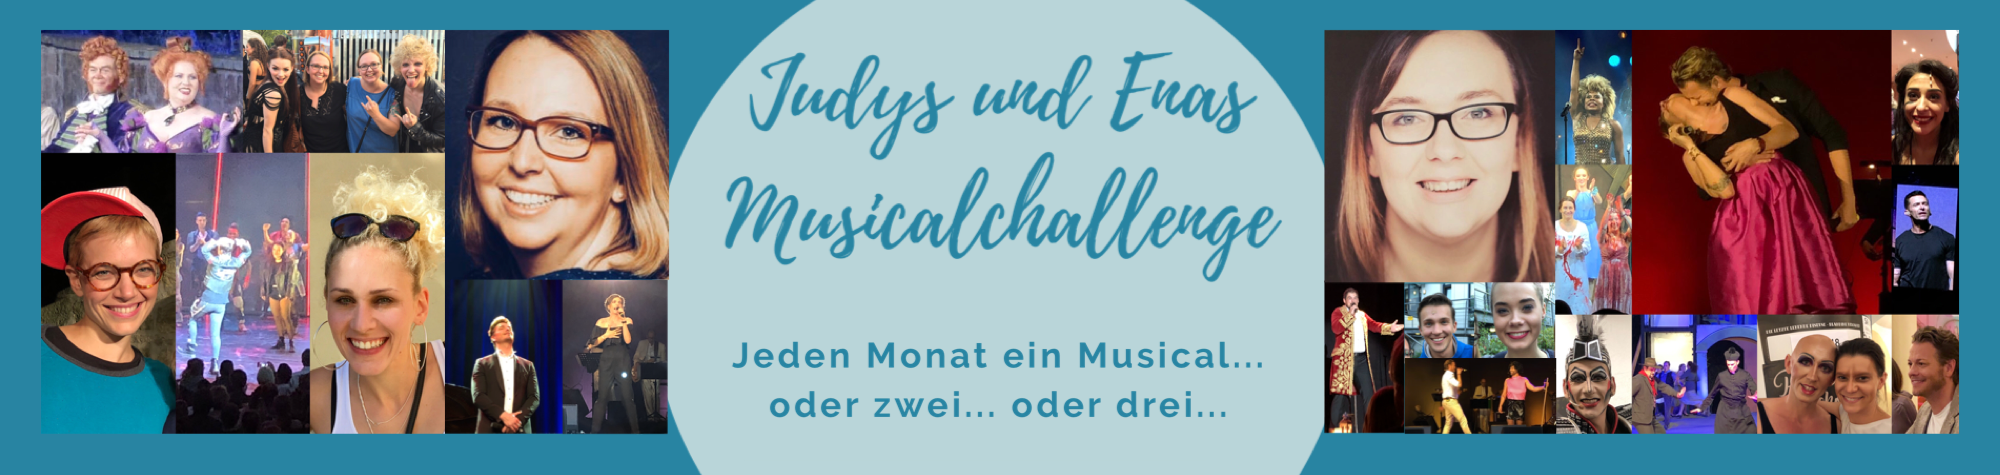 Judy's und Ena's Musicalchallenge